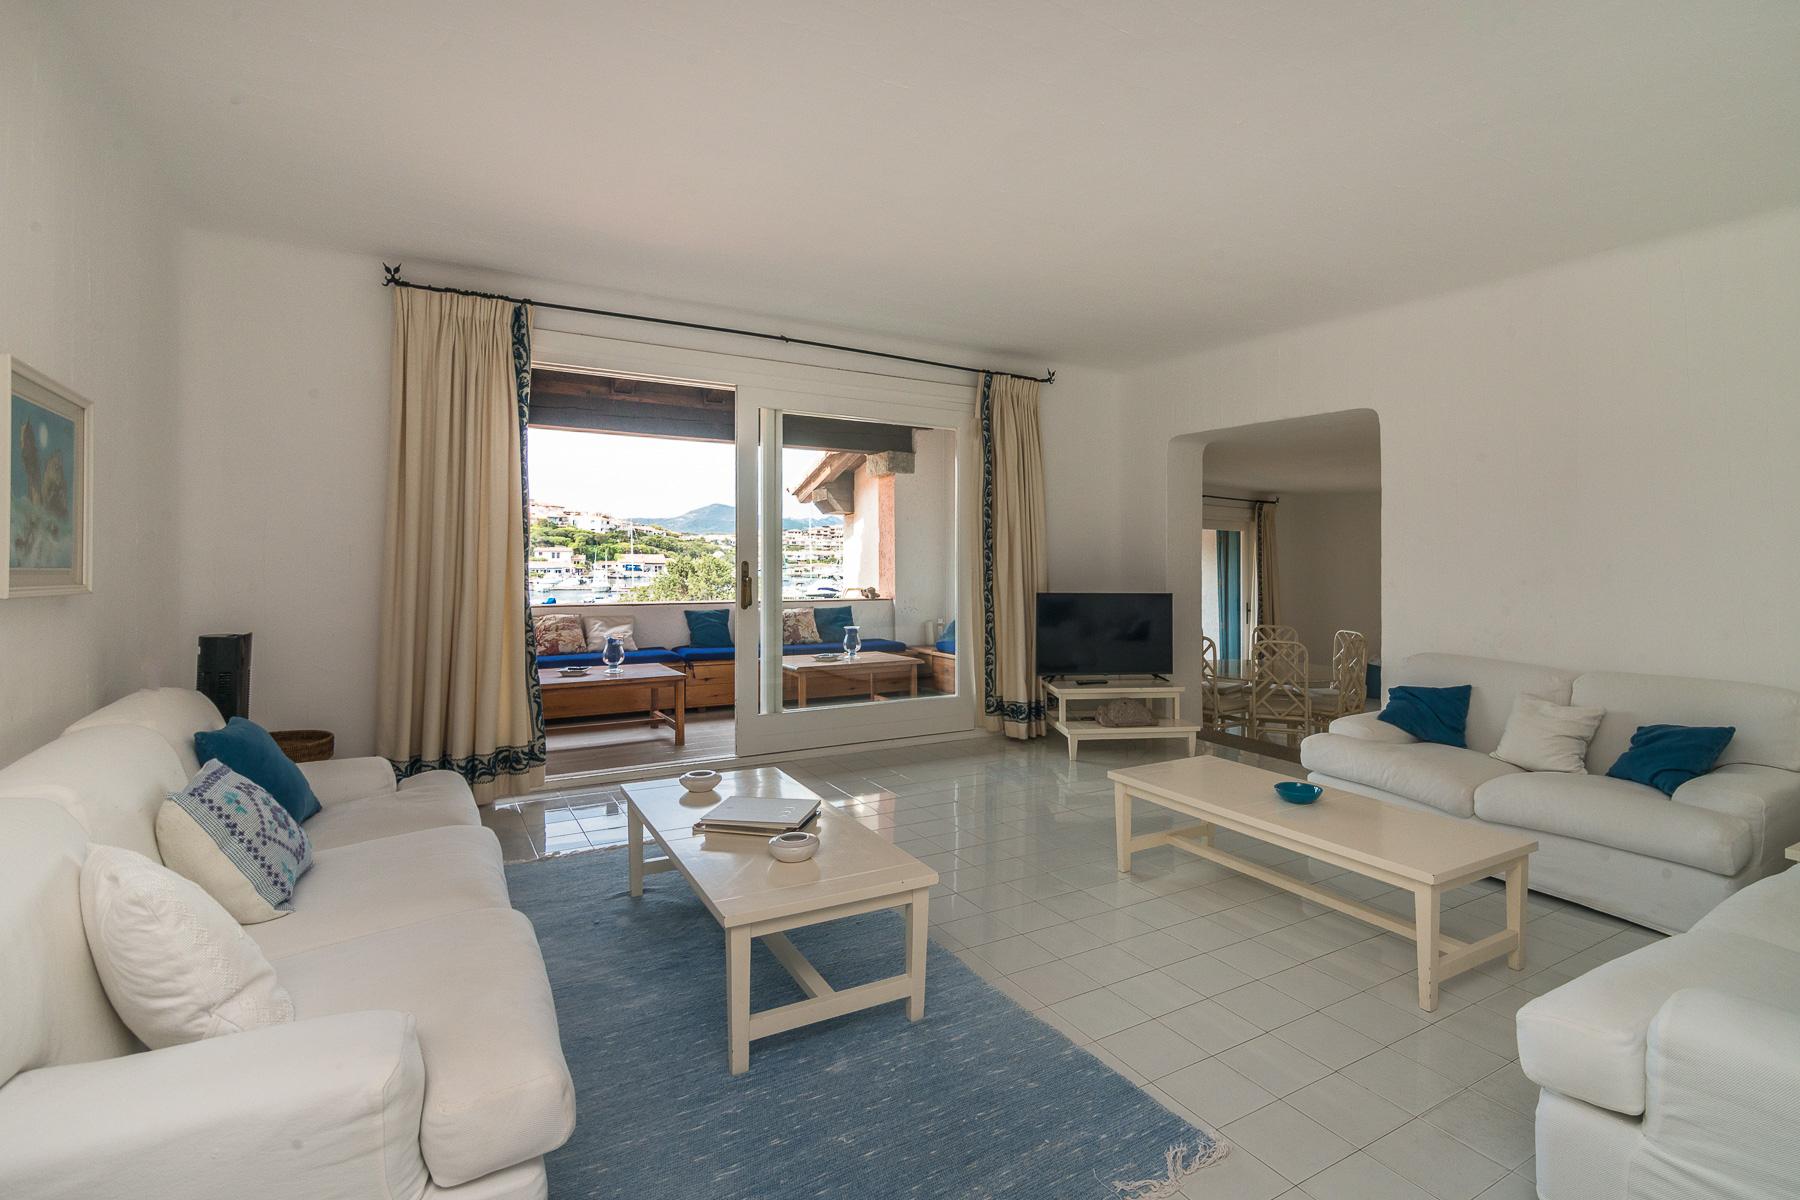 Appartamento in Vendita a Olbia: 5 locali, 175 mq - Foto 5